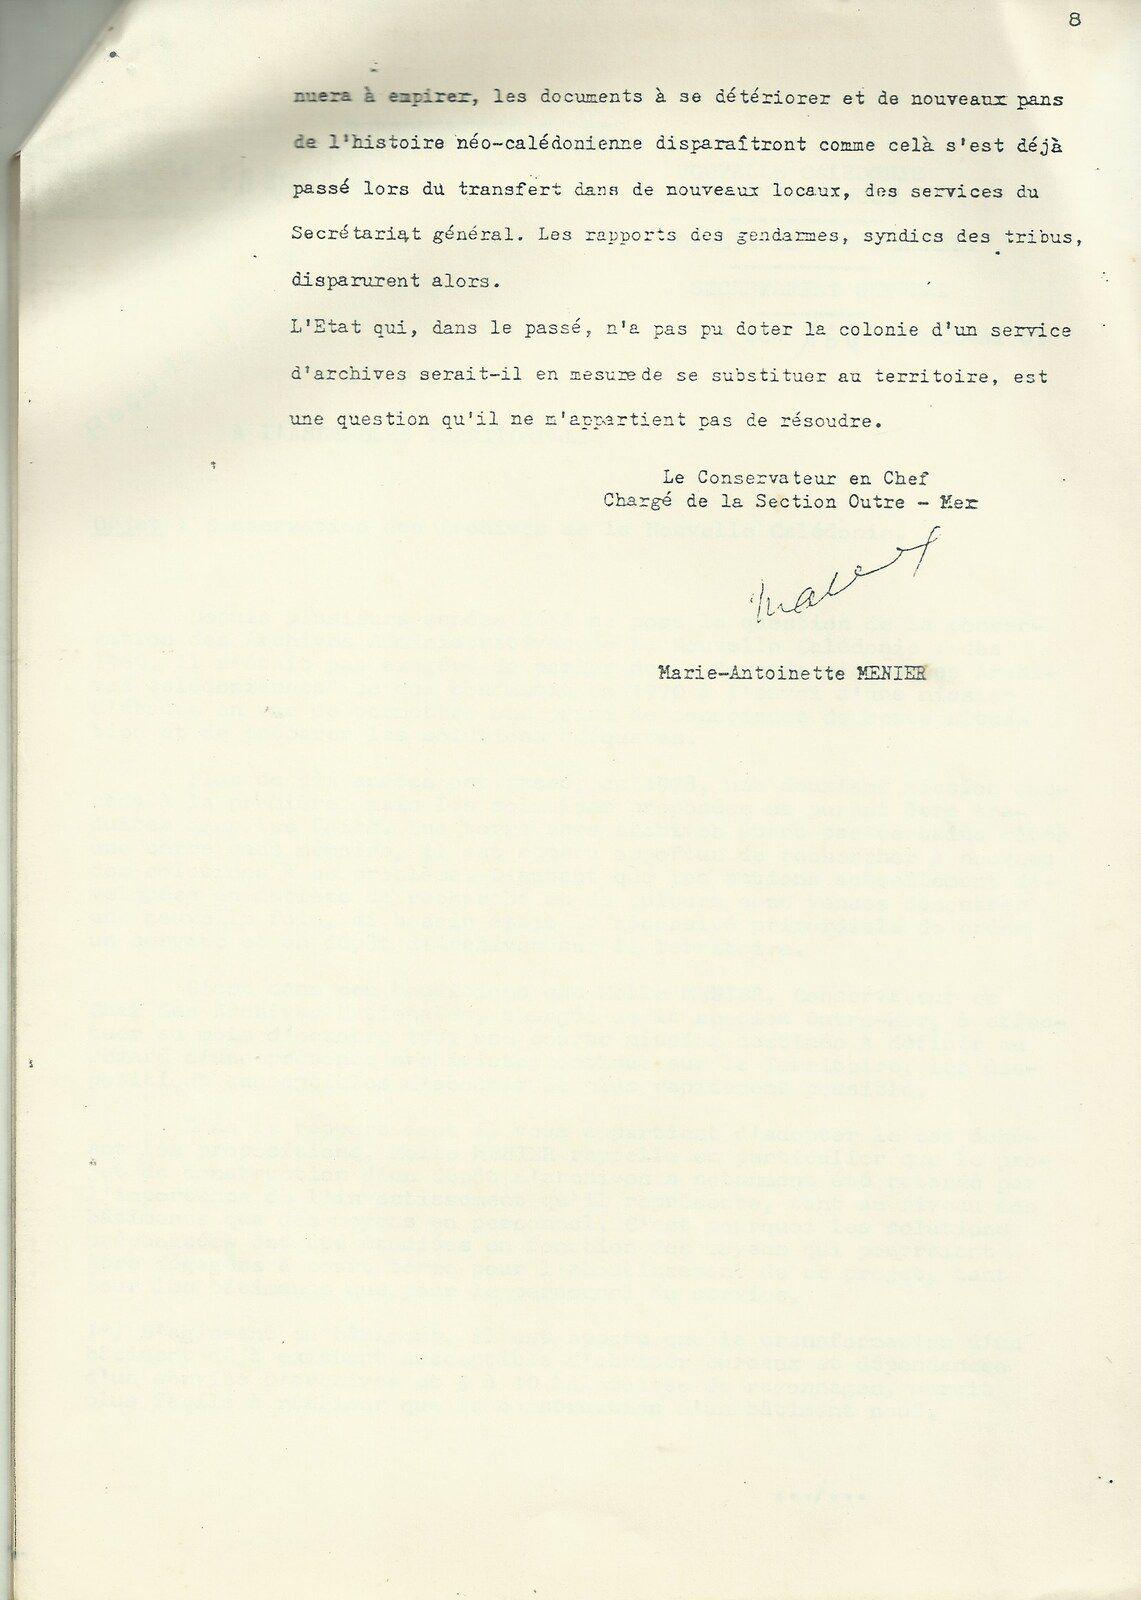 Le rapport MENIER sur le problème de la conservation des archives de la Nouvelle-Calédonie (1981).